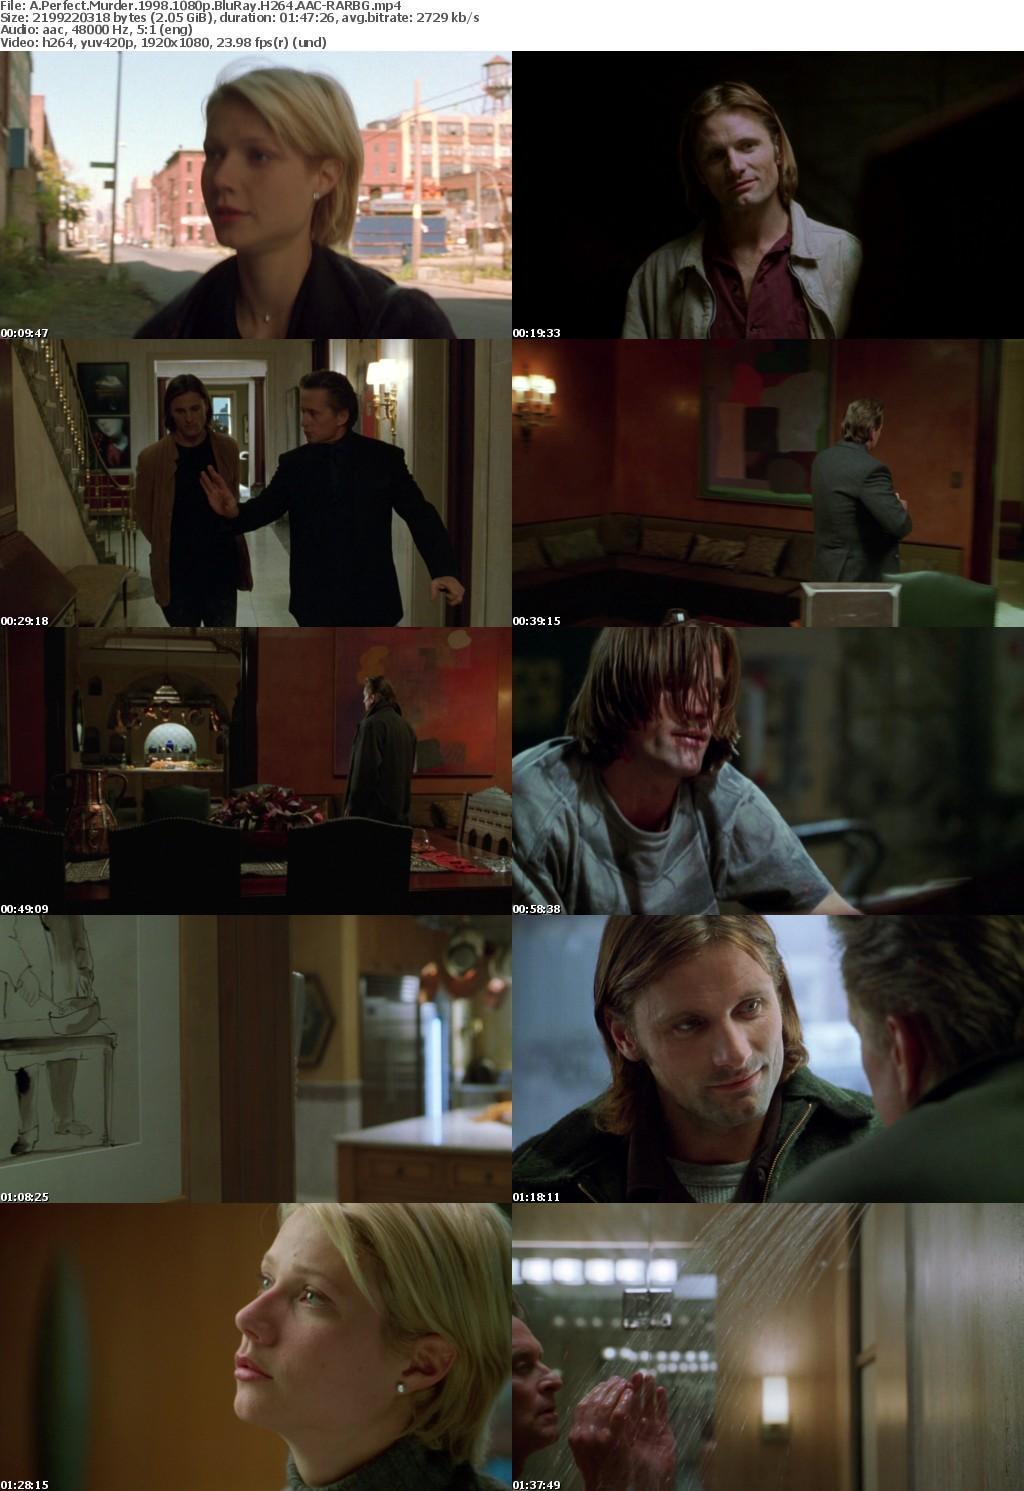 A Perfect Murder 1998 1080p BluRay H264 AAC-RARBG